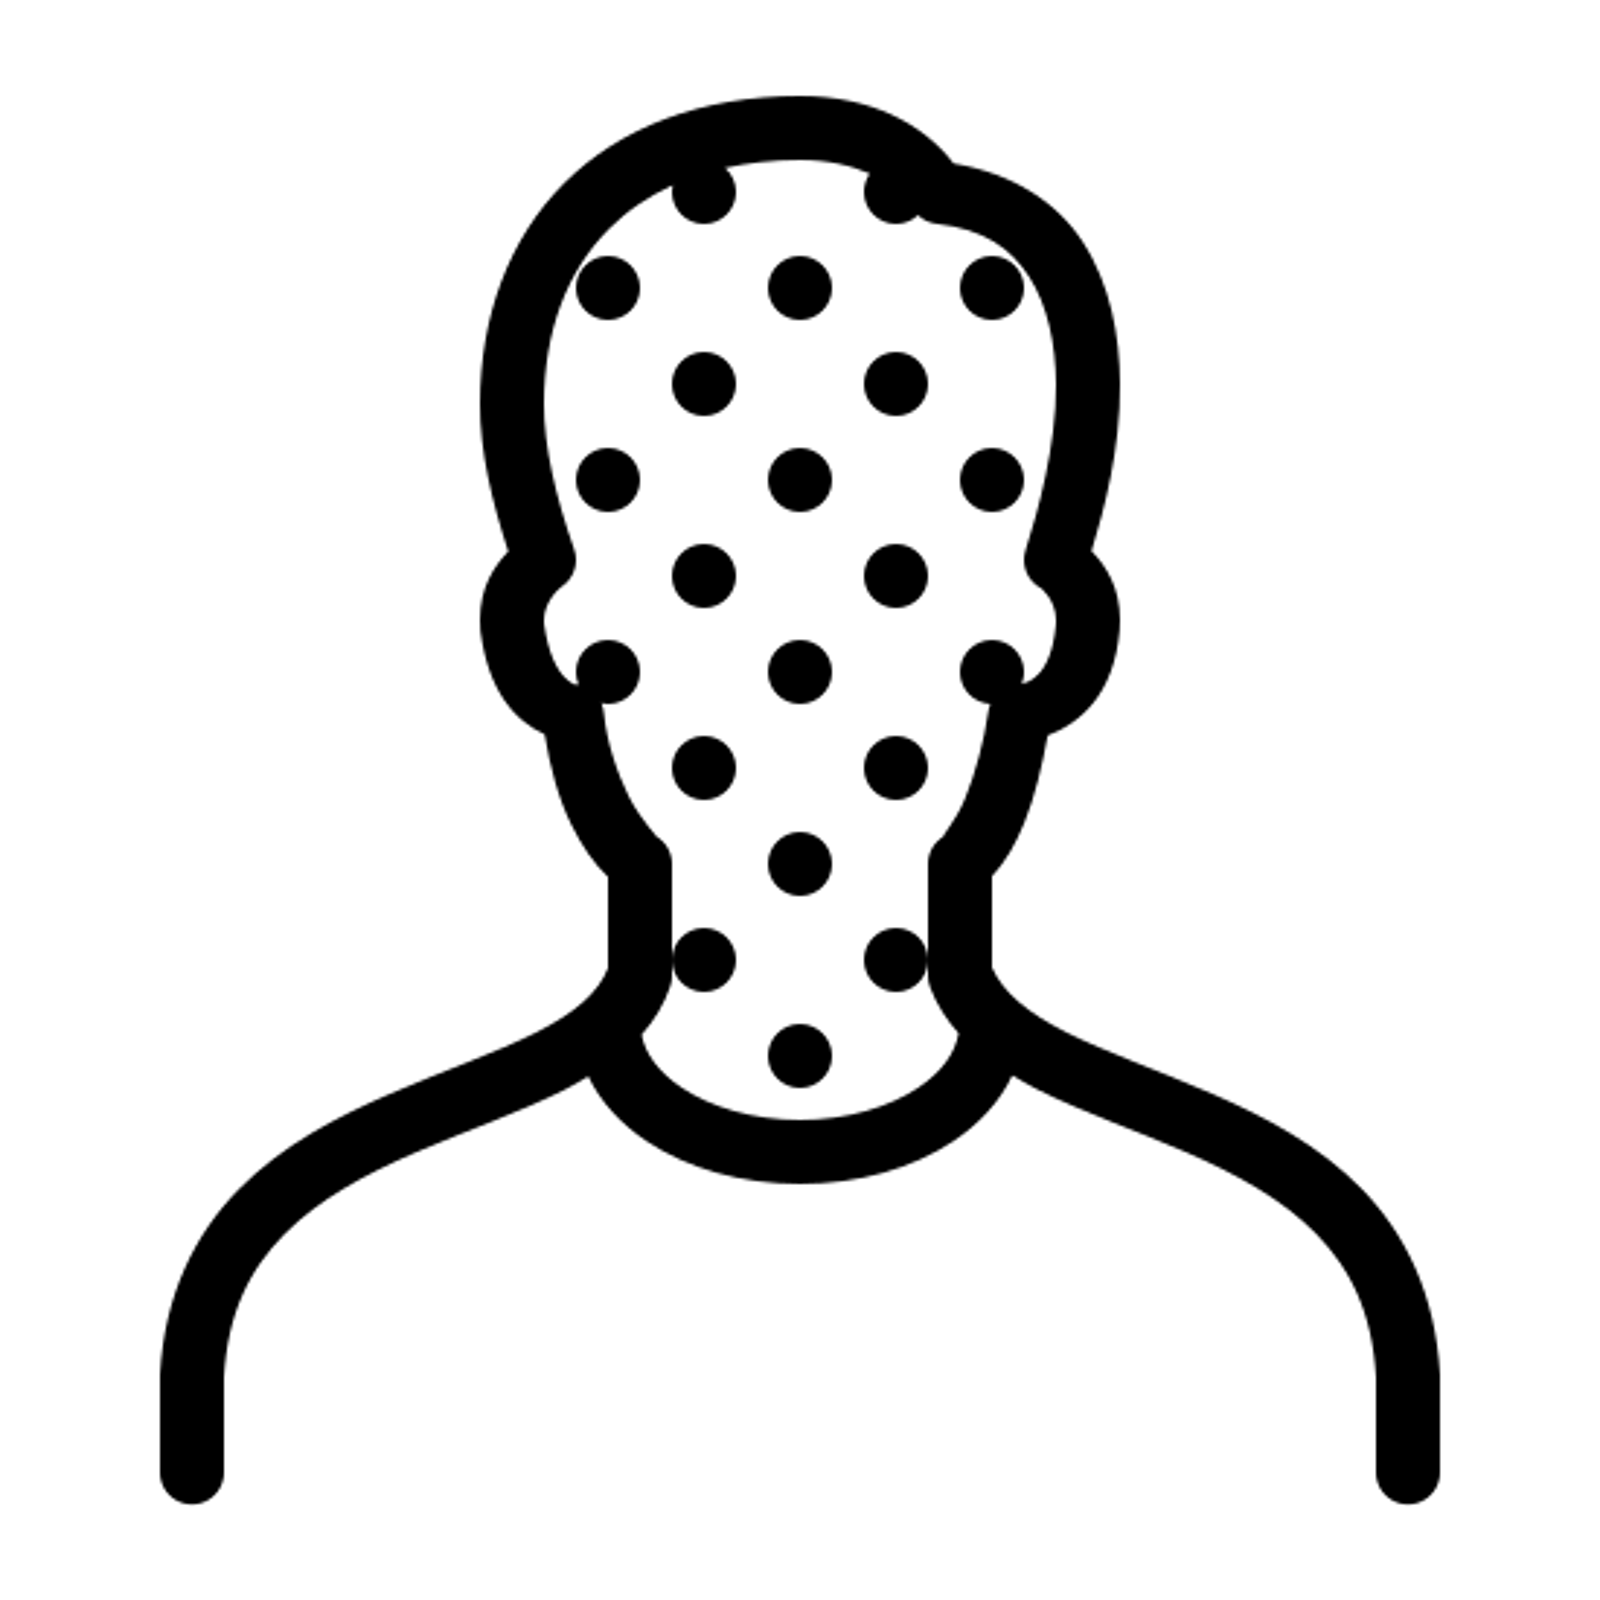 Head Massage Area icon